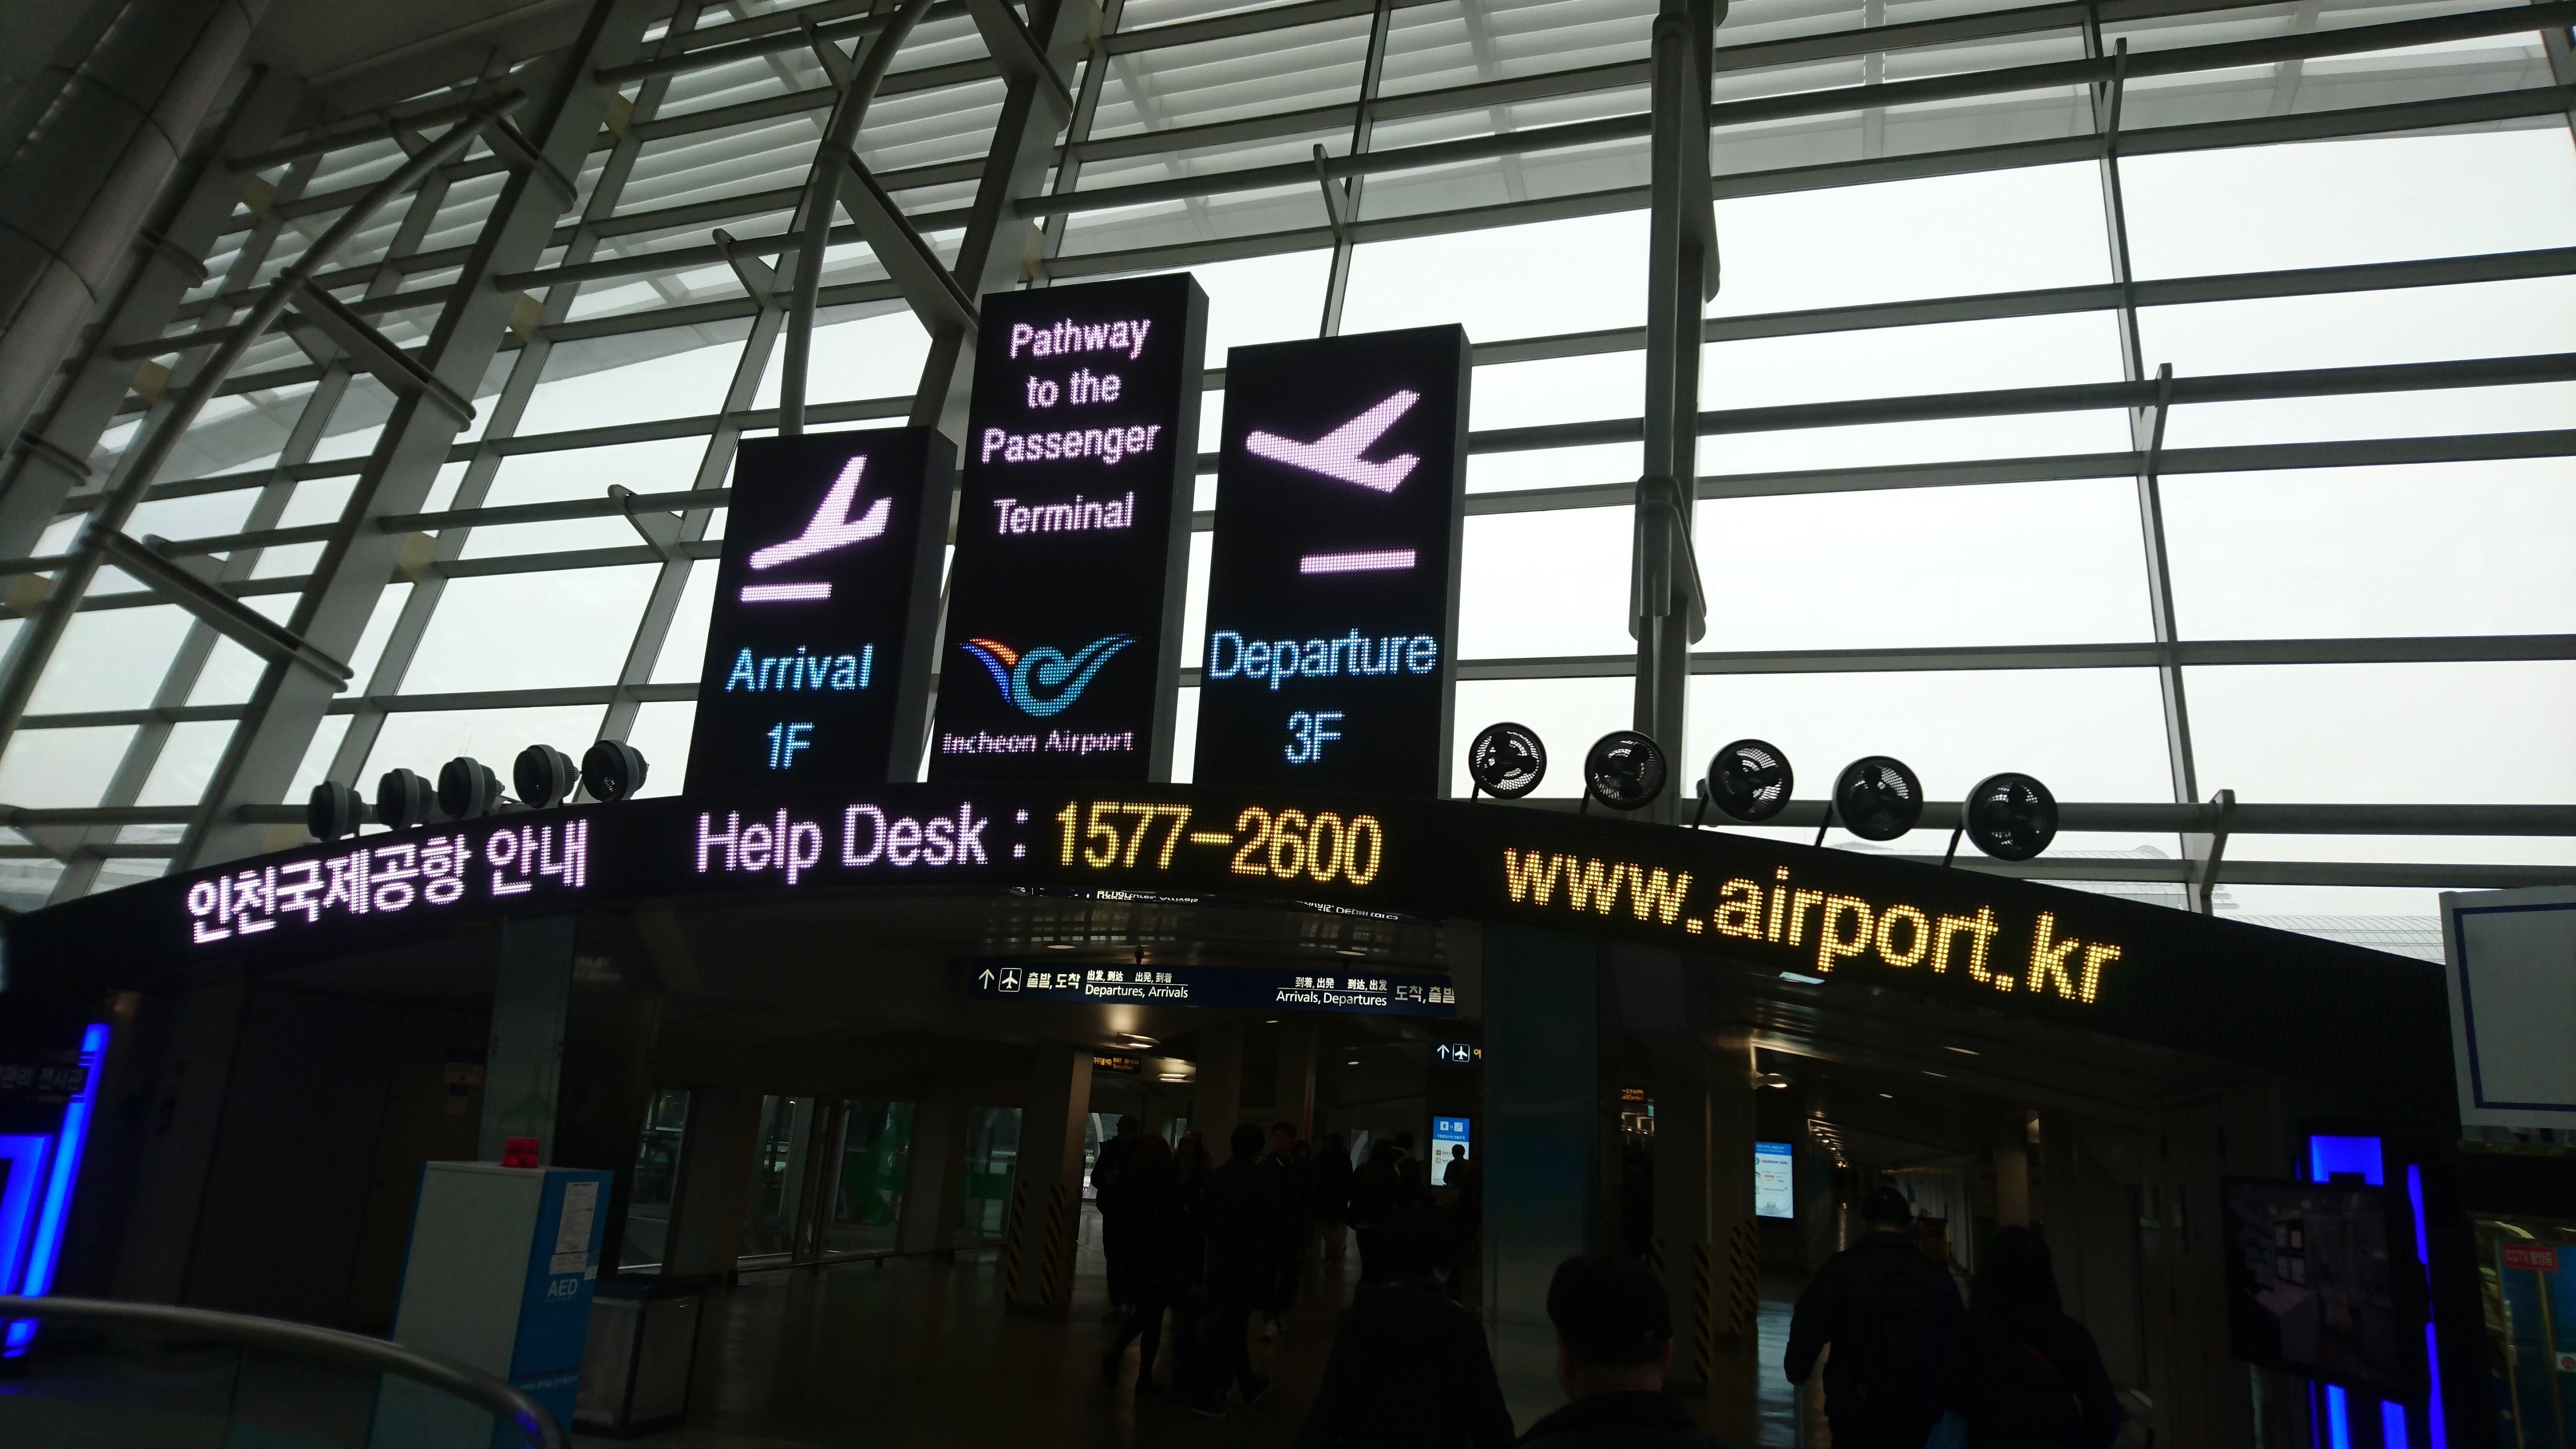 ここから仁川国際空港旅客ターミナルへ向かいます。1階が到着エリア。3階が出発エリア。連絡通路は旅客ターミナルの2階につながっています。